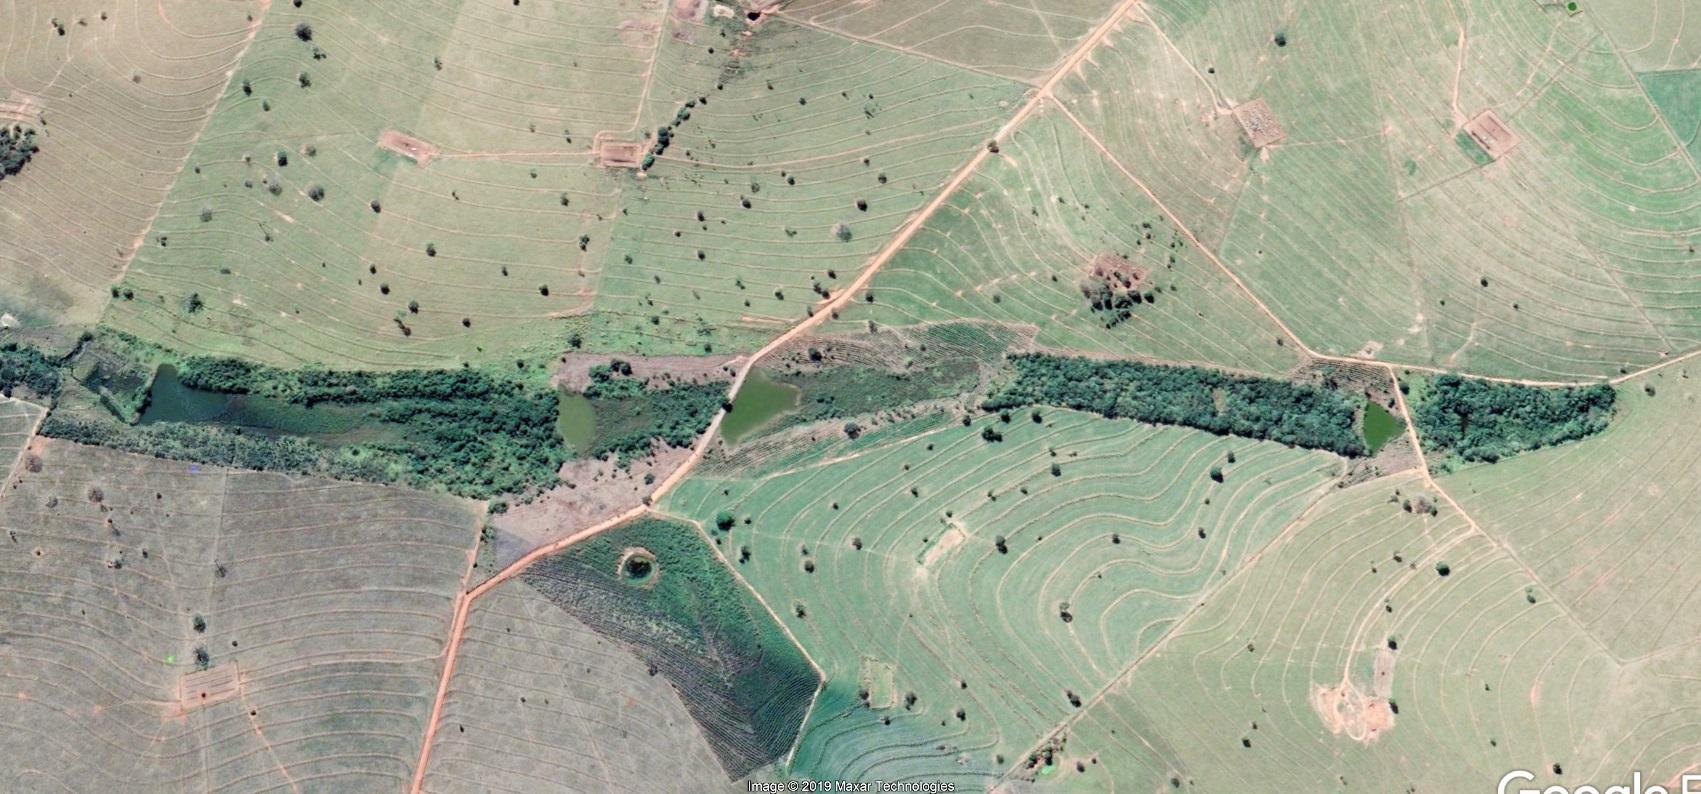 Áreas de Preservação Permanentes (APPs) da Fazenda São Geraldo, dez anos depois, em 2019. Foto Acervo pessoal/José Arnaldo Favaretto